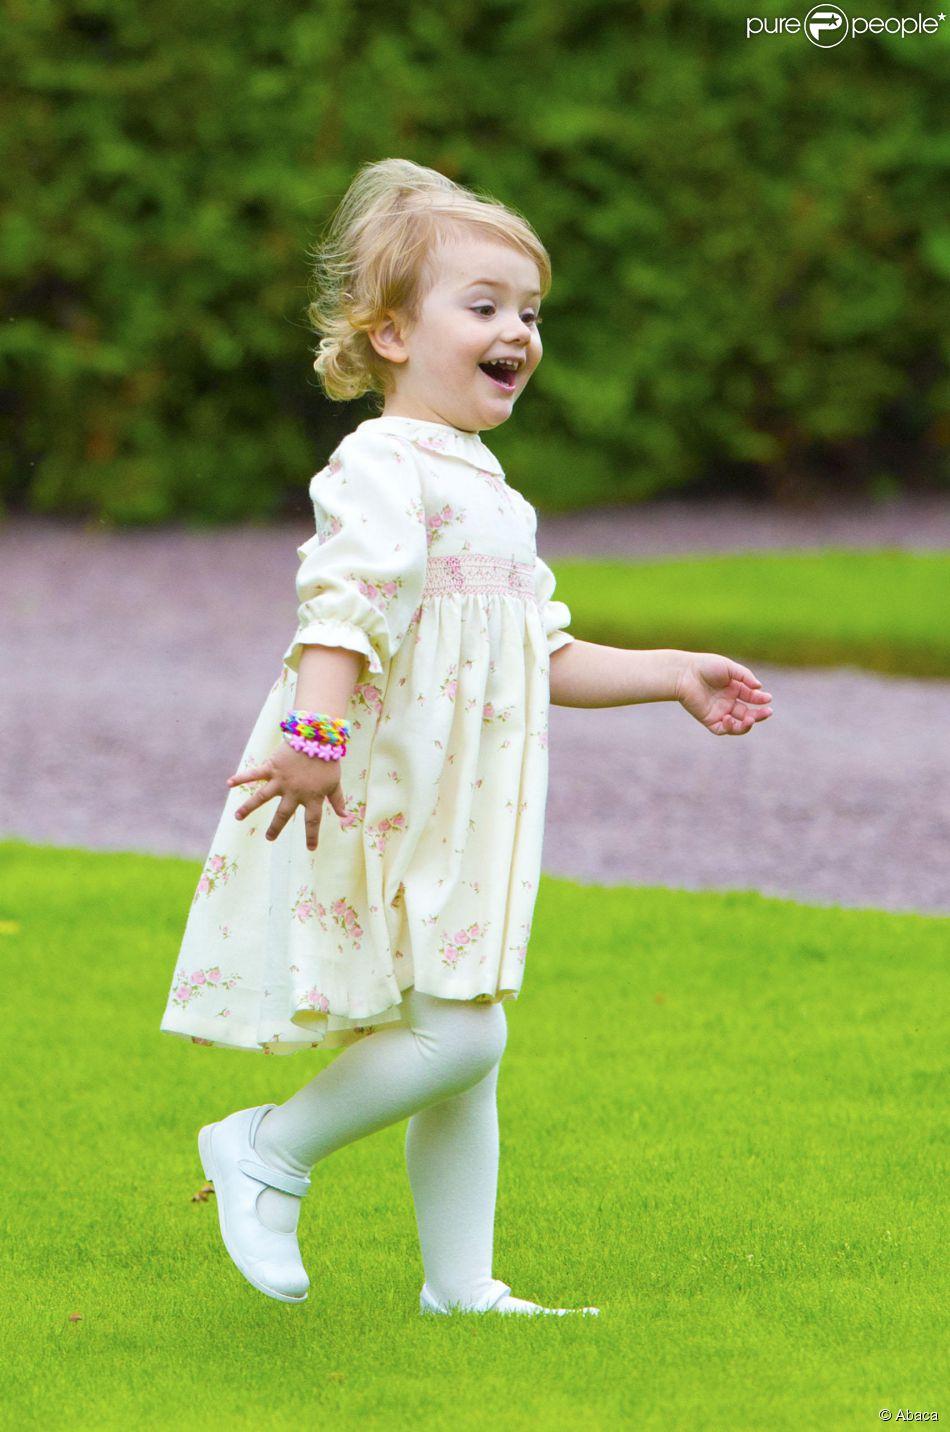 La princesse Estelle de Suède, 2 ans, était l'attraction de la célébration publique du 37e anniversaire de sa maman la princesse héritière Victoria, le 14 juillet 2014. Le roi Carl XVI Gustaf, la reine Silvia, le prince Daniel et la princesse Estelle étaient réunis à la Villa Solliden, sur l'île d'Öland, pour la traditionnelle rencontre avec le public.